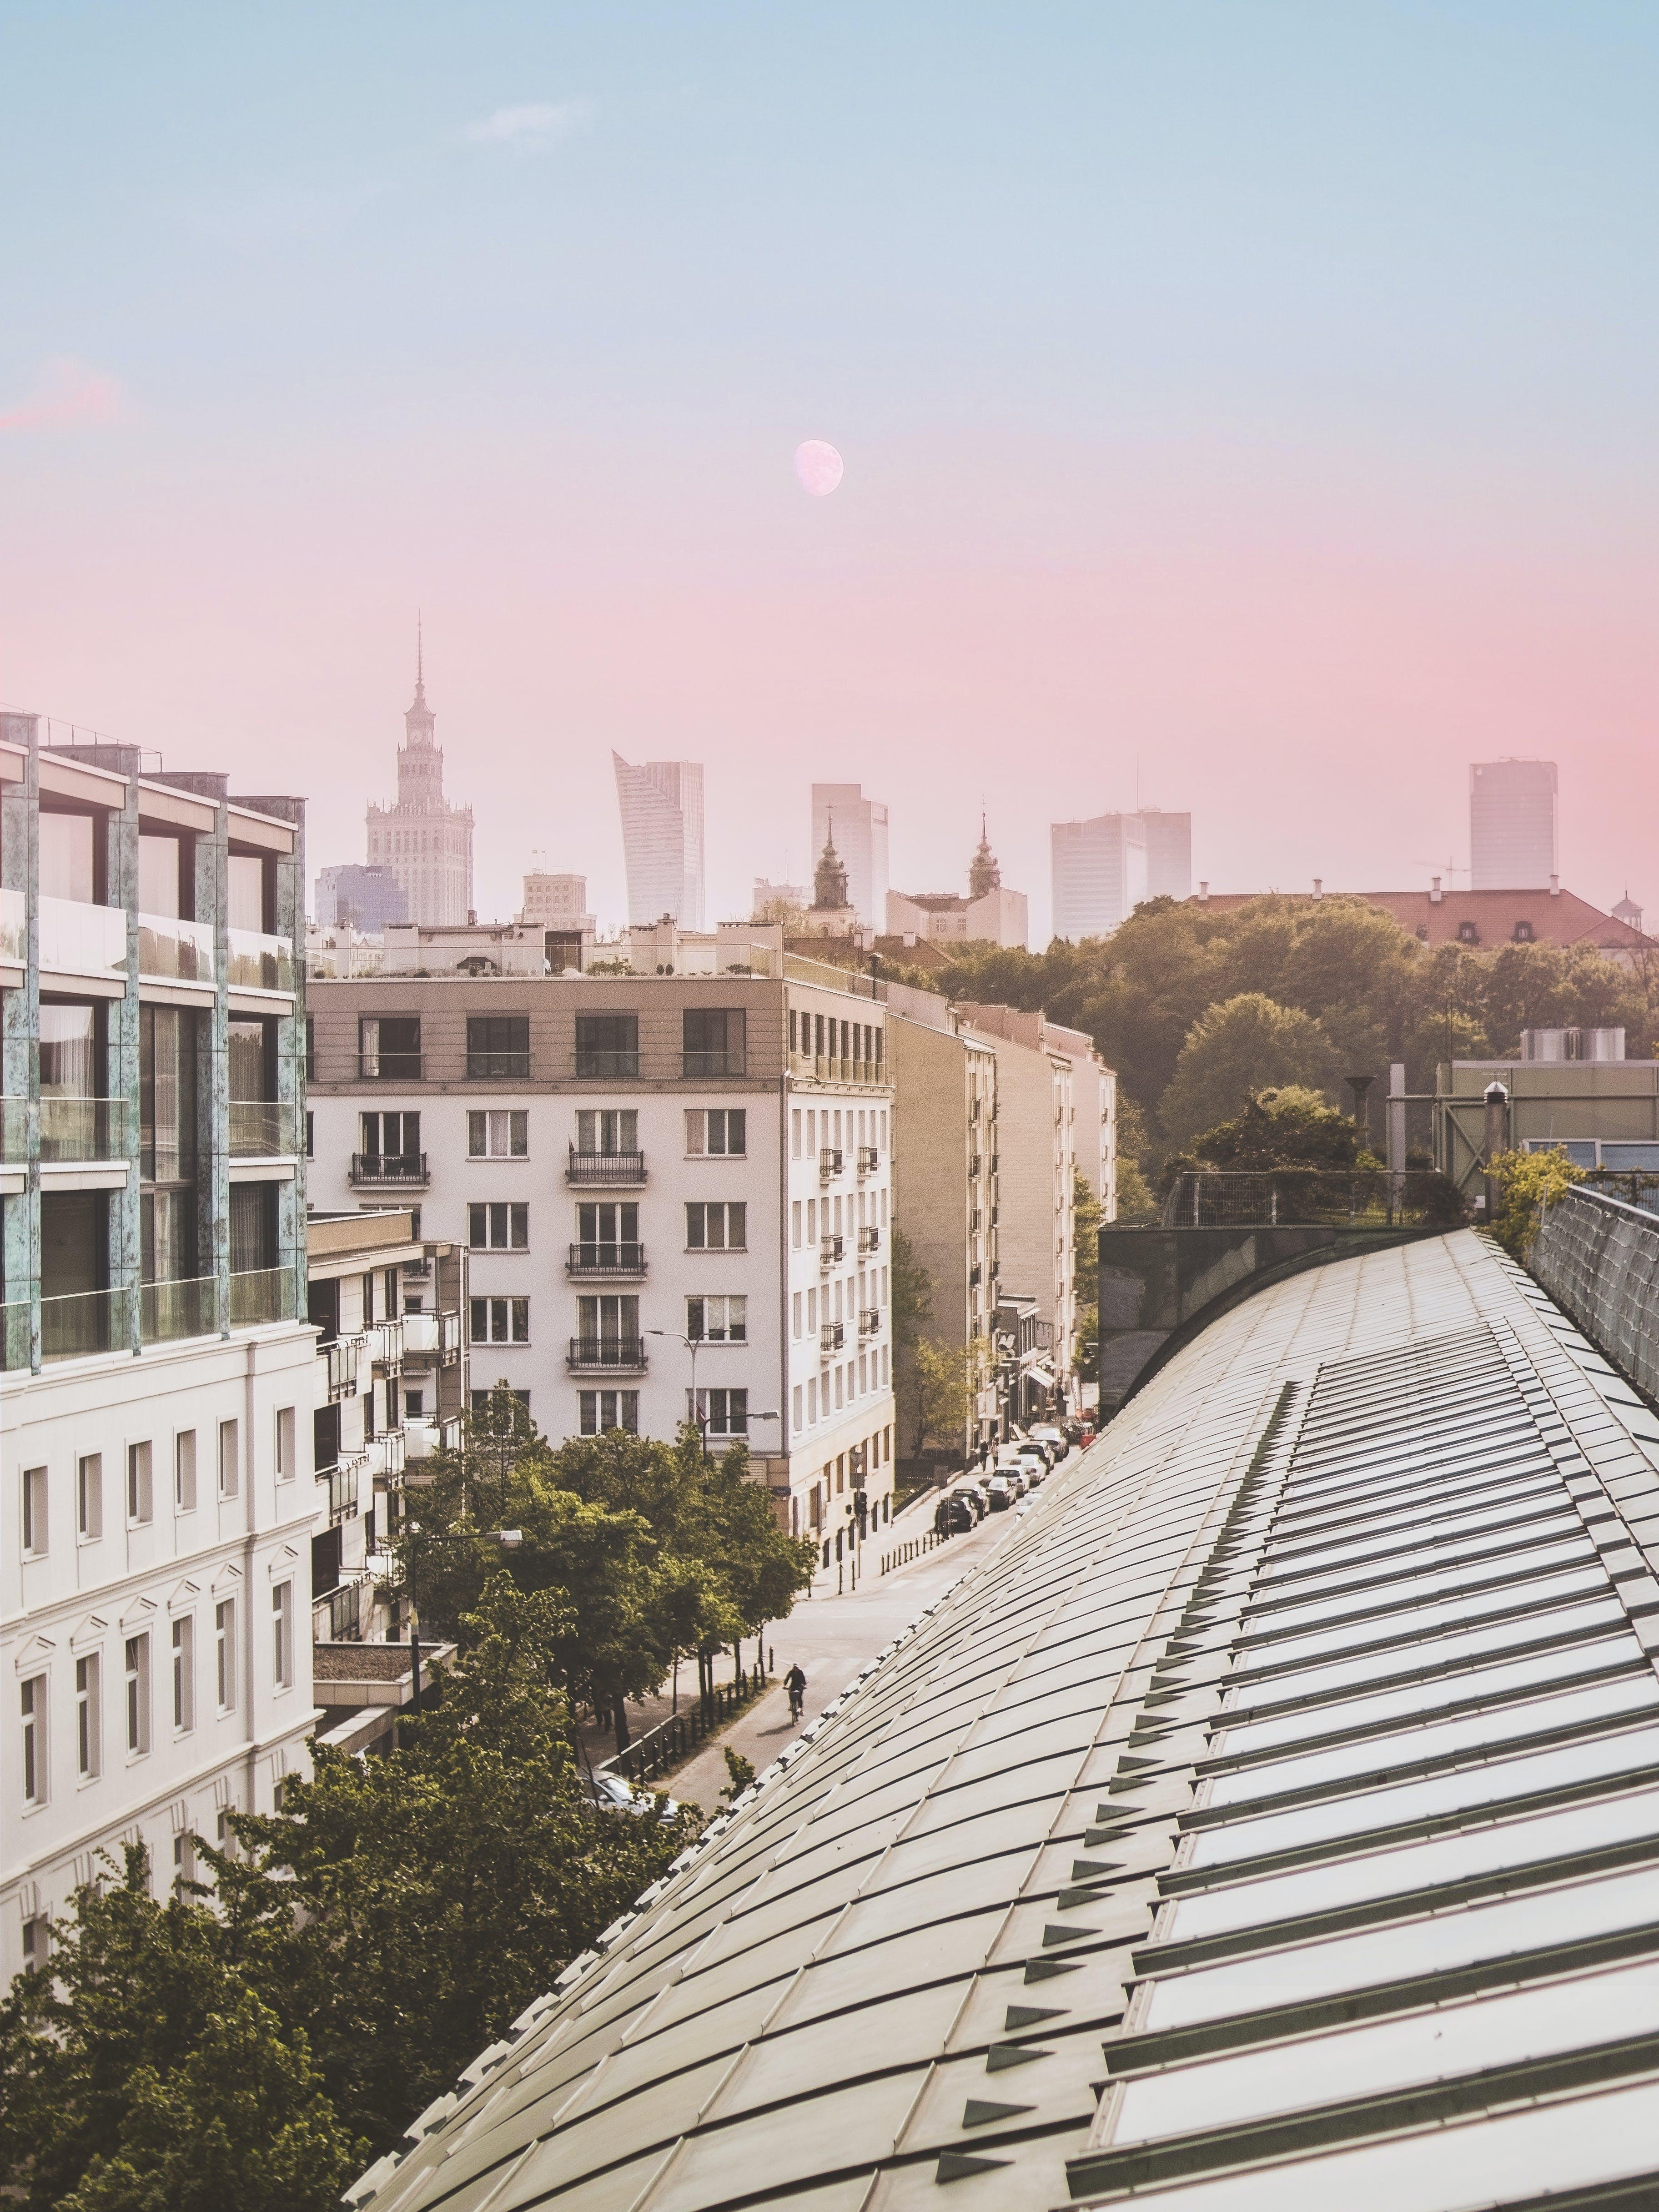 城市, 塔, 天空, 天際線 的 免费素材照片